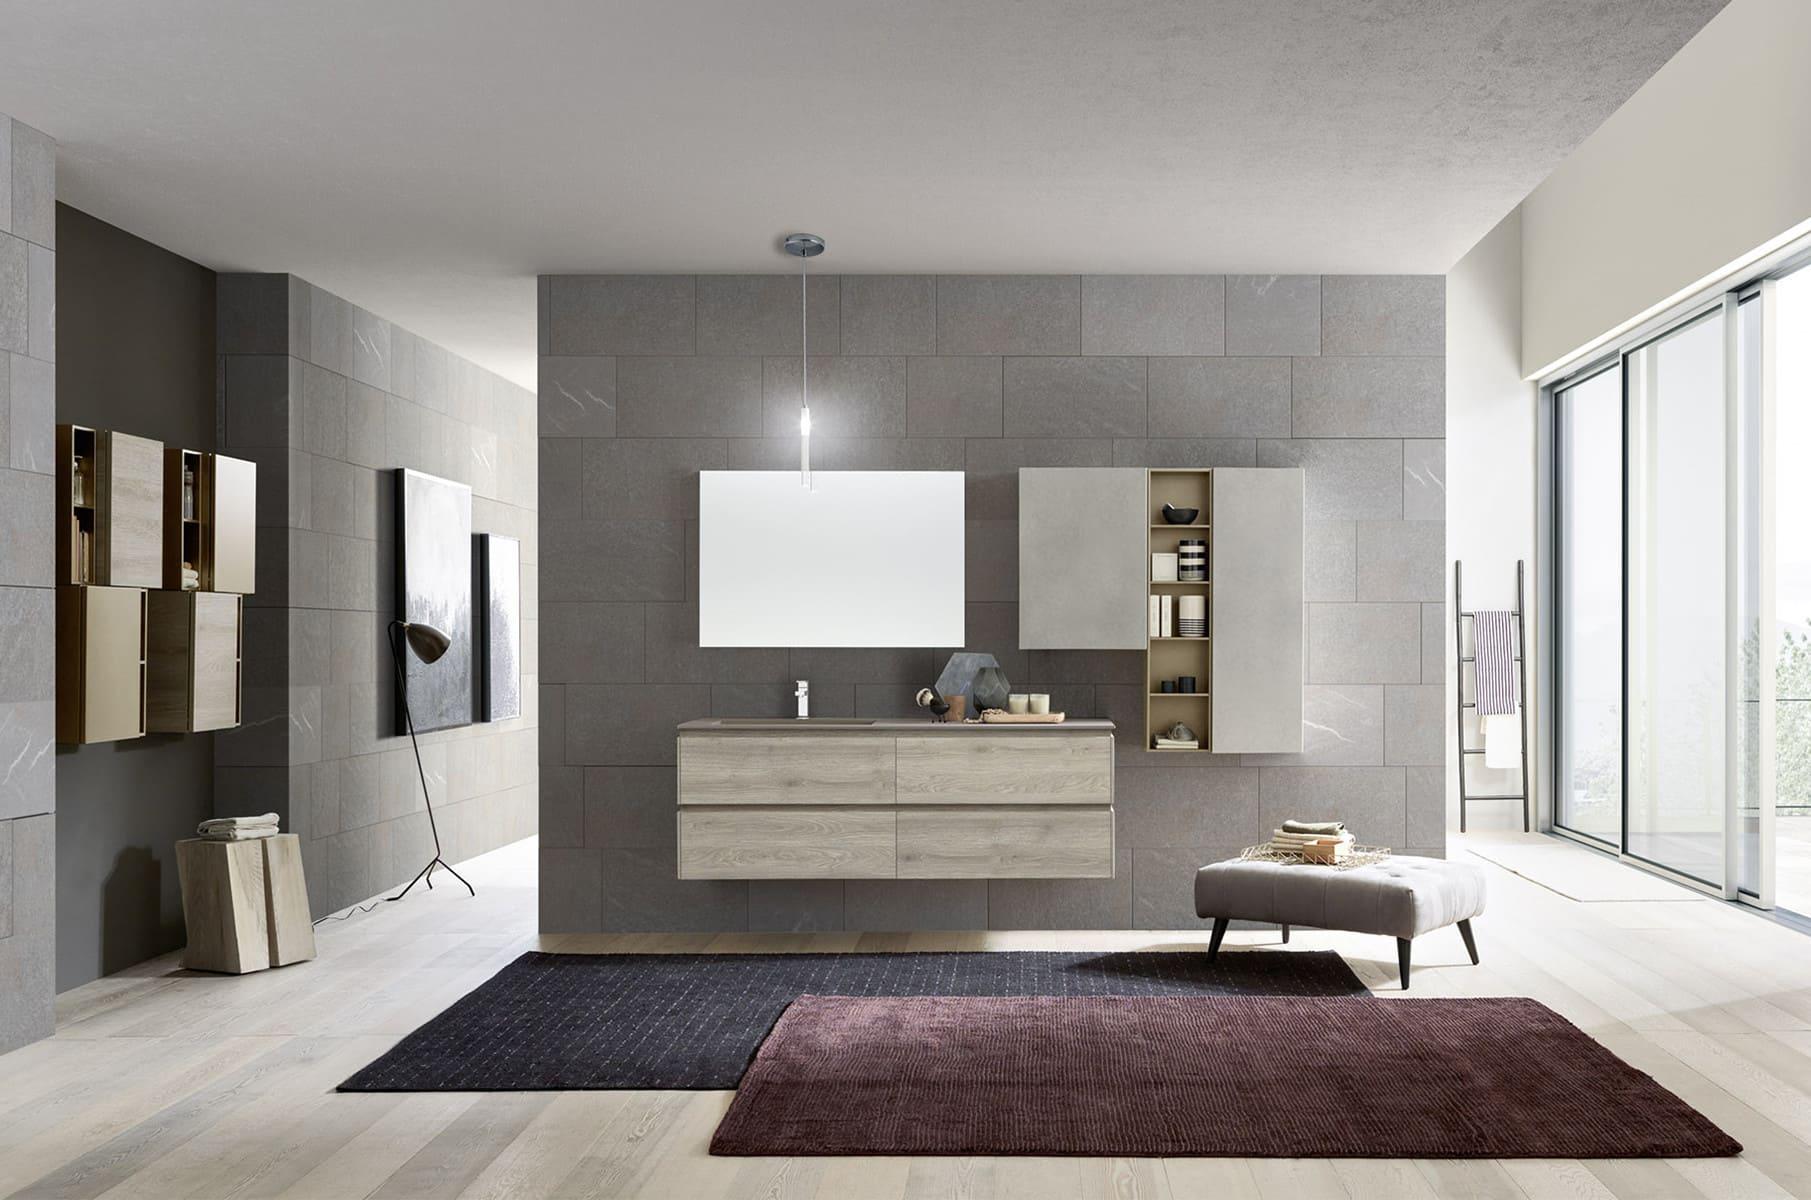 Bagno Con Mosaico Bianco bagno moderno grigio: come abbinare pavimenti e rivestimenti